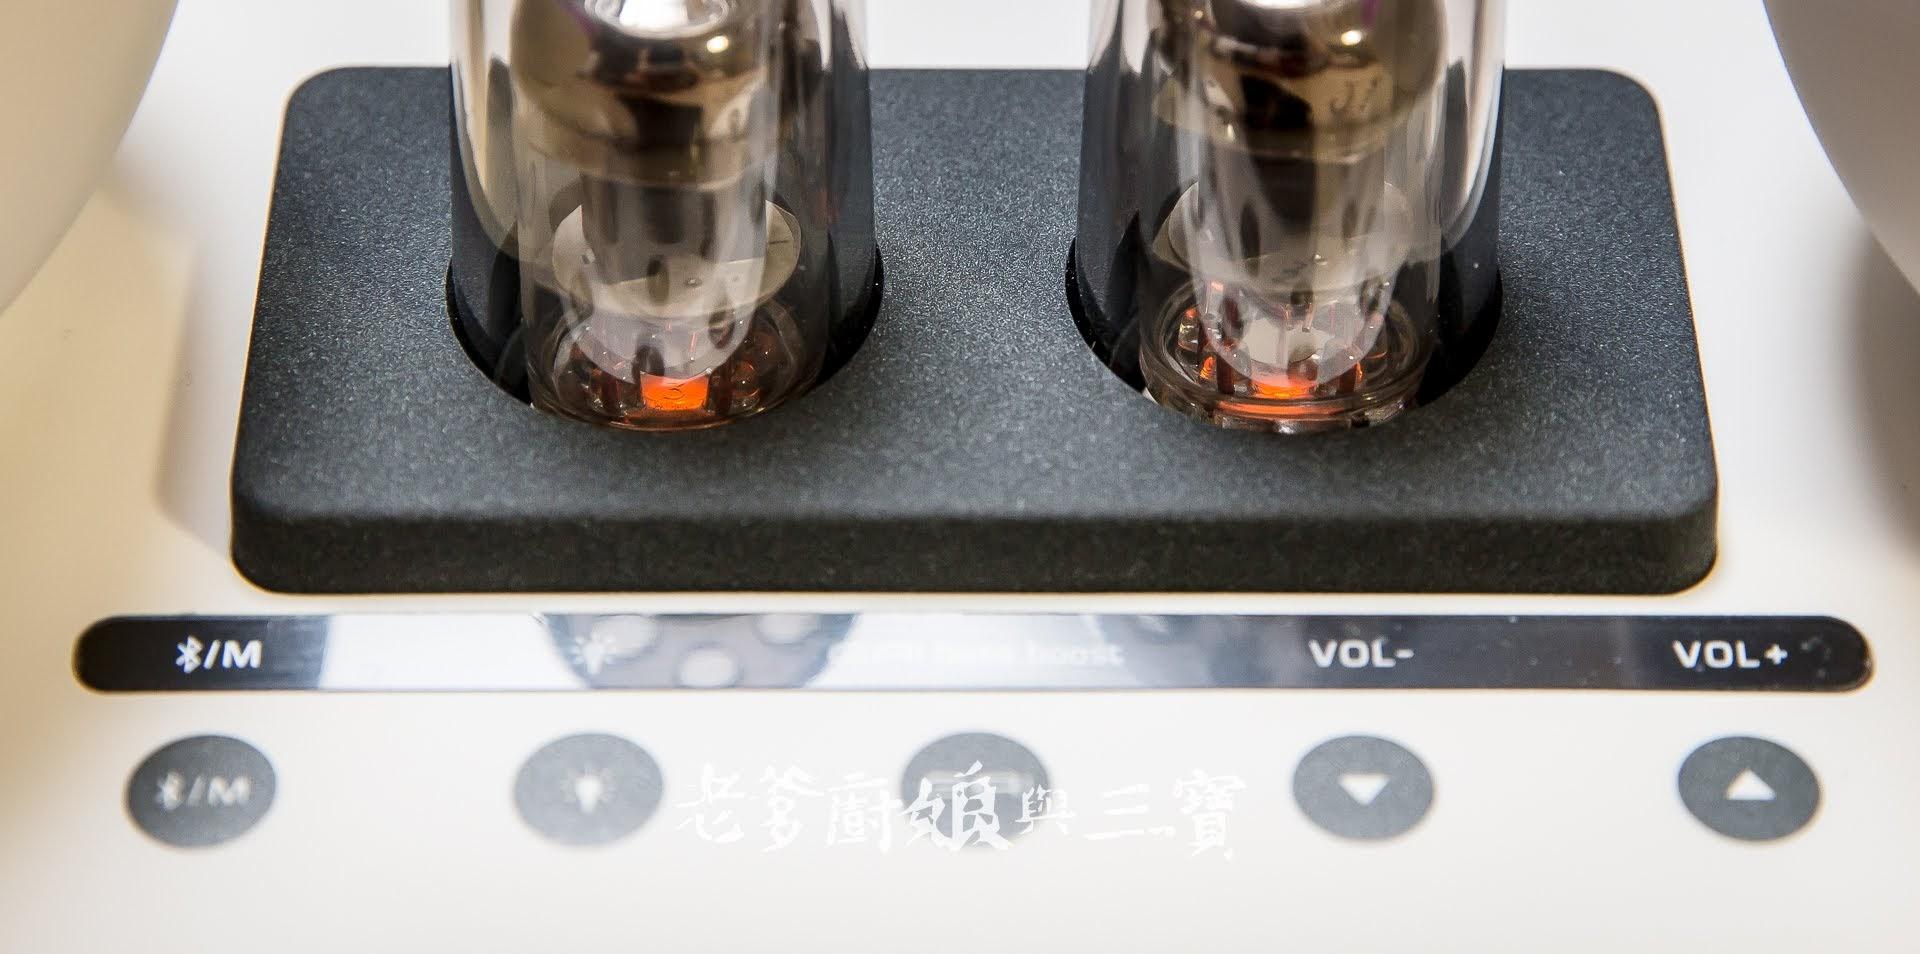 來自過去記憶中的感動品牌,小小機身卻能有全音域喇叭與真空管環繞音效音樂享受的HI-FI音質藍芽音響...SANSUI山水 360°全音域真空管藍芽音響SS-36